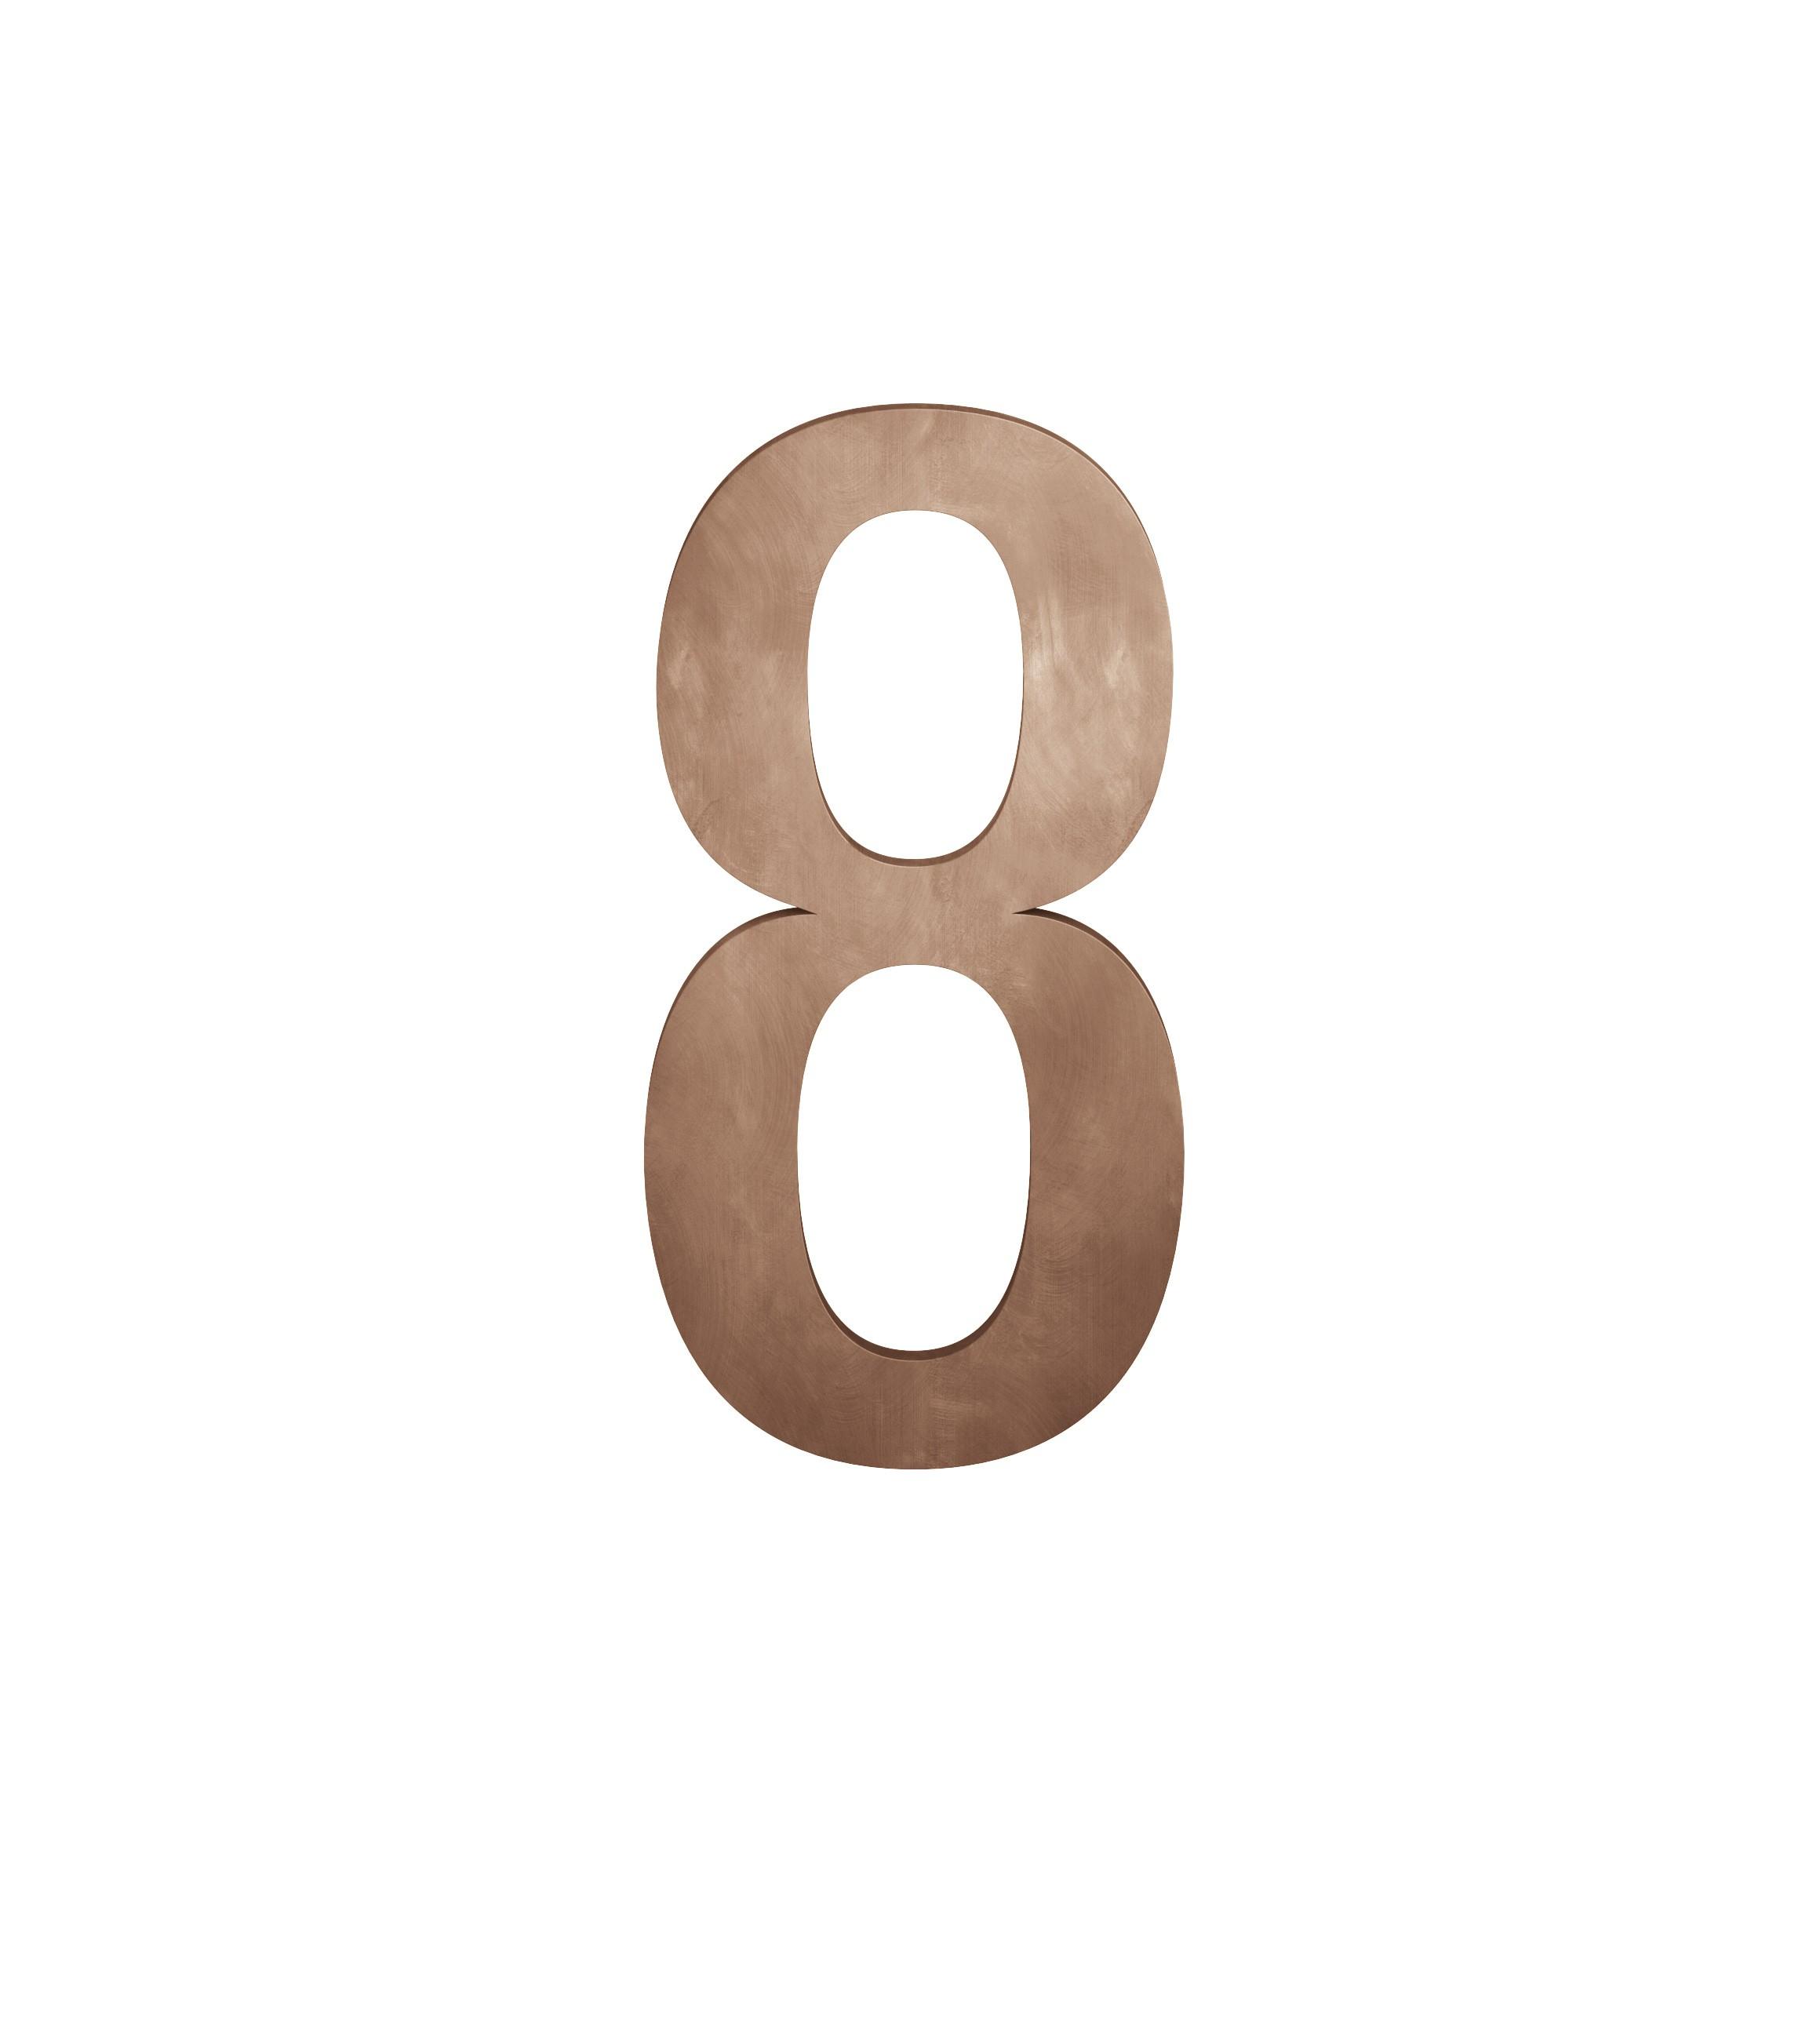 FSB Hausnummer Ziffer 8 Bronze (0 38 4005 00008 7615)